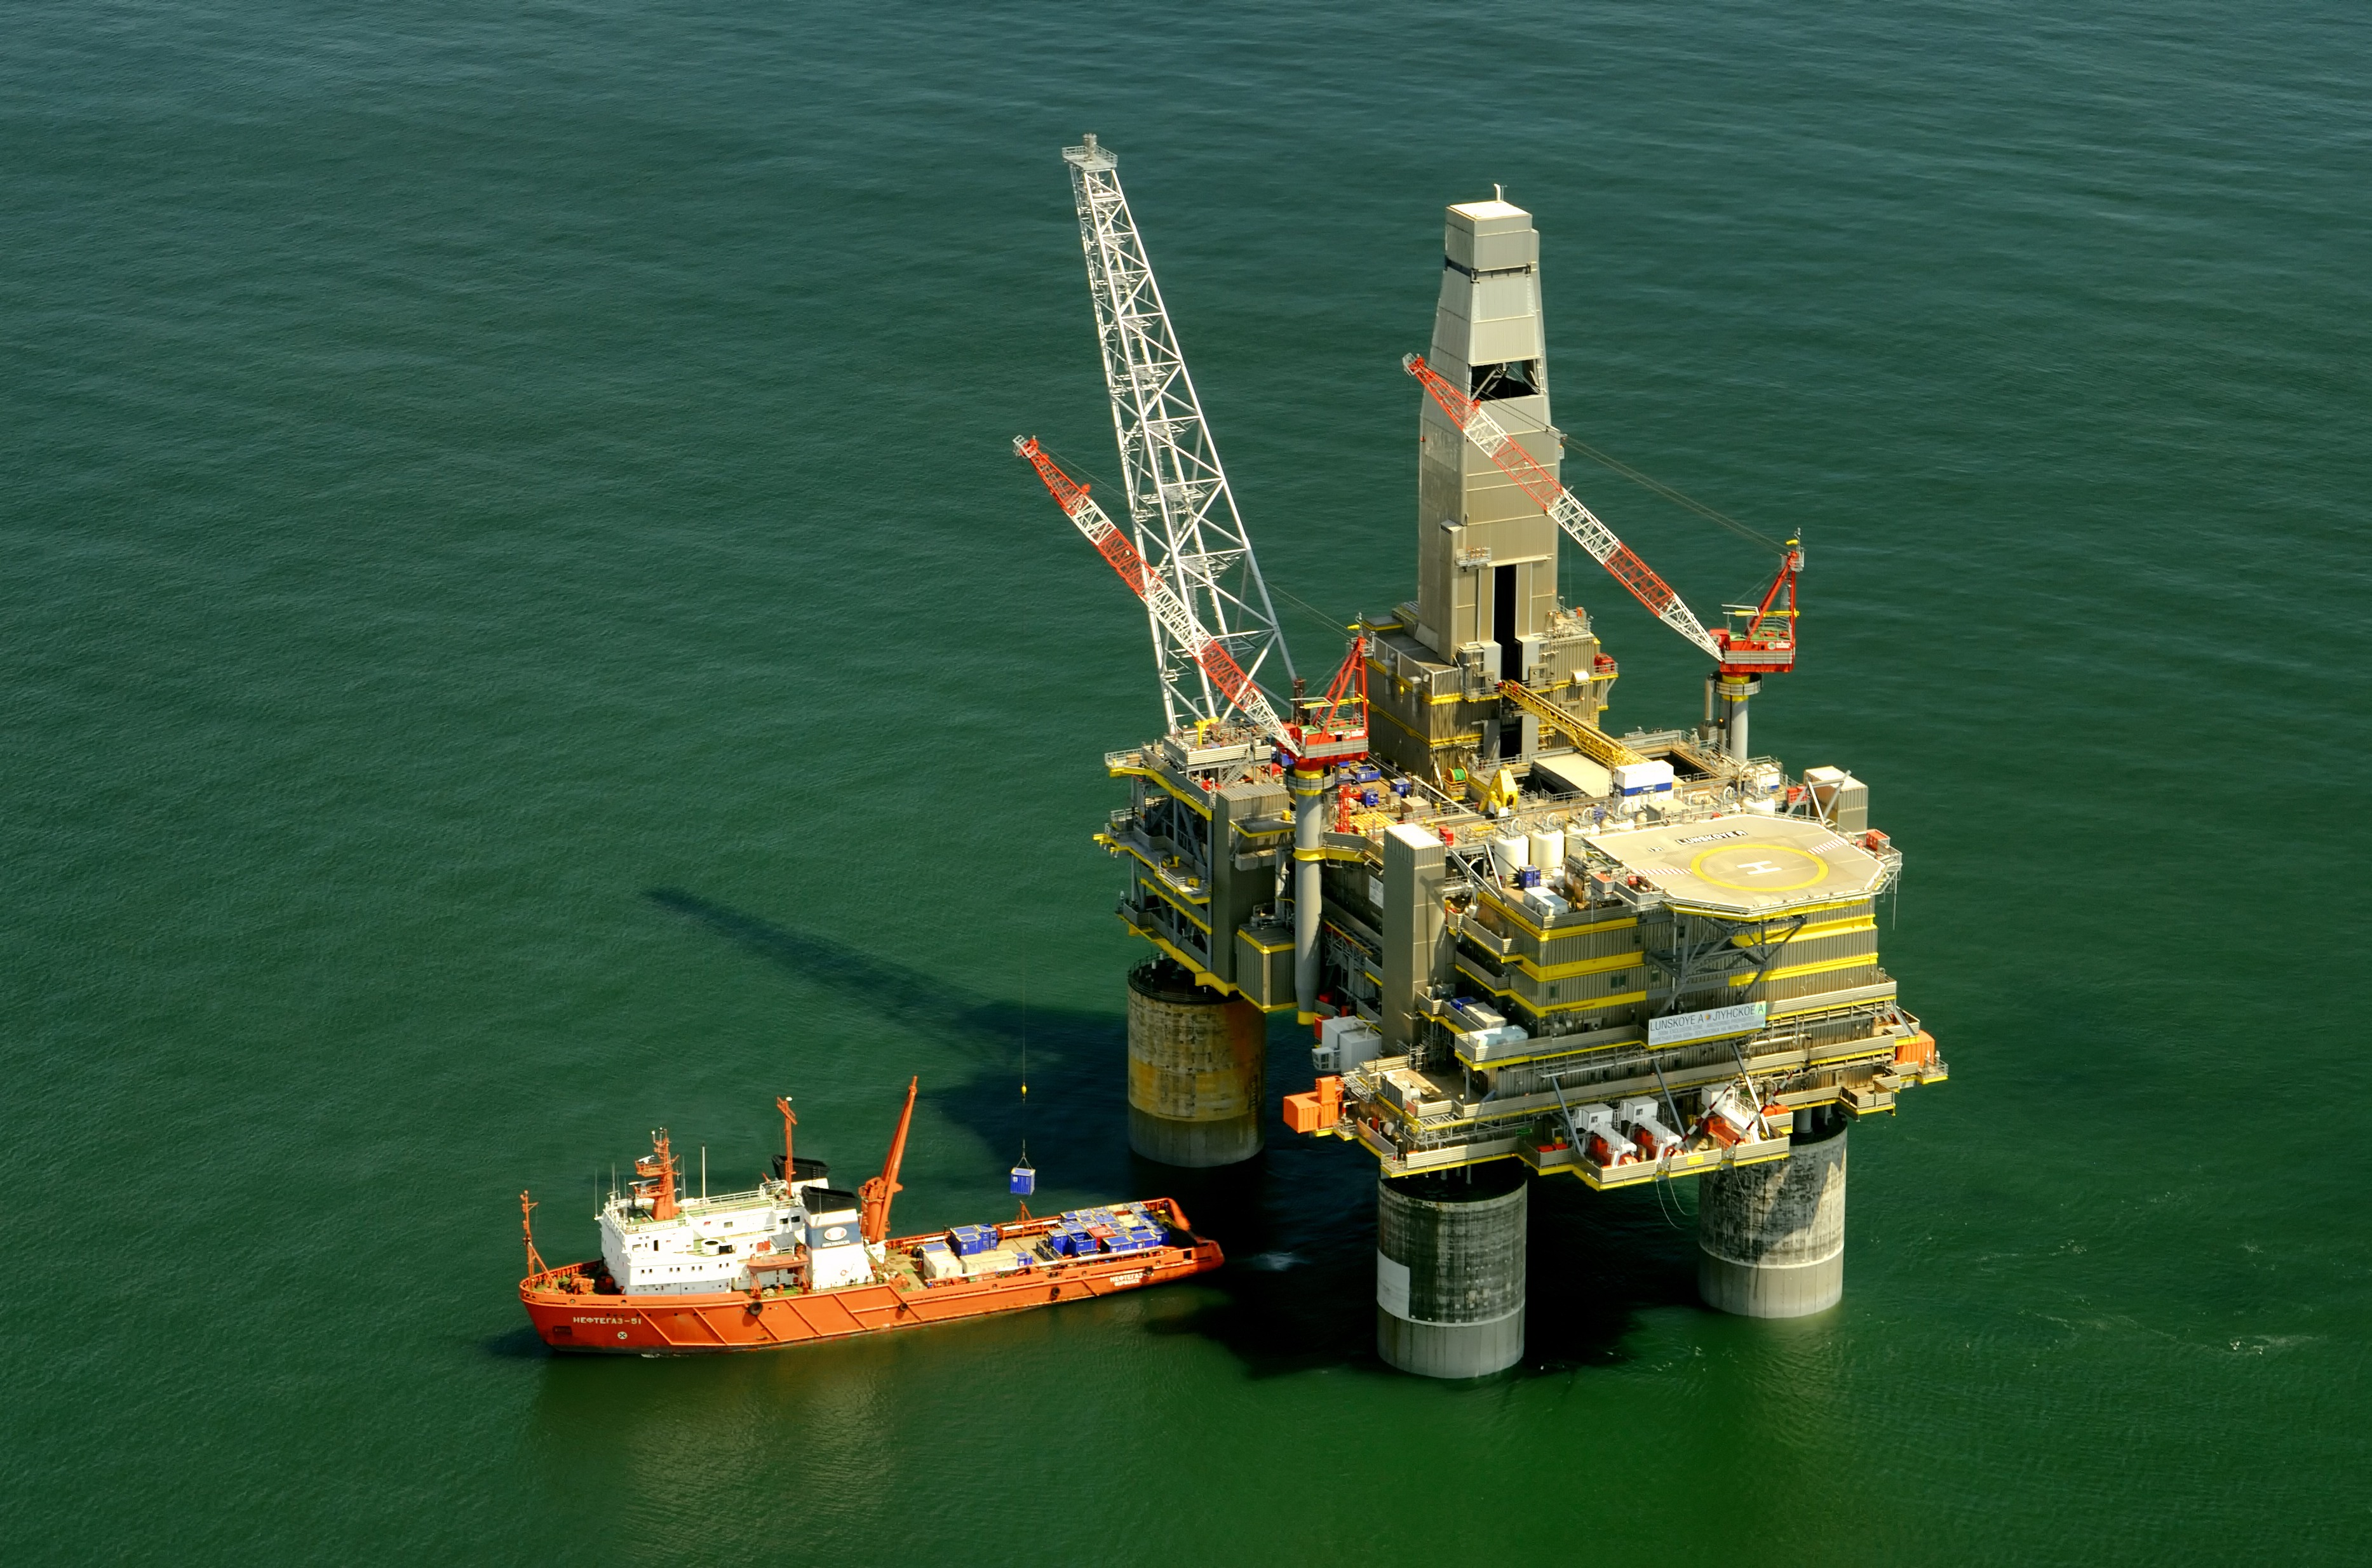 渤海再获大型油气 仪器仪表助力油气勘探